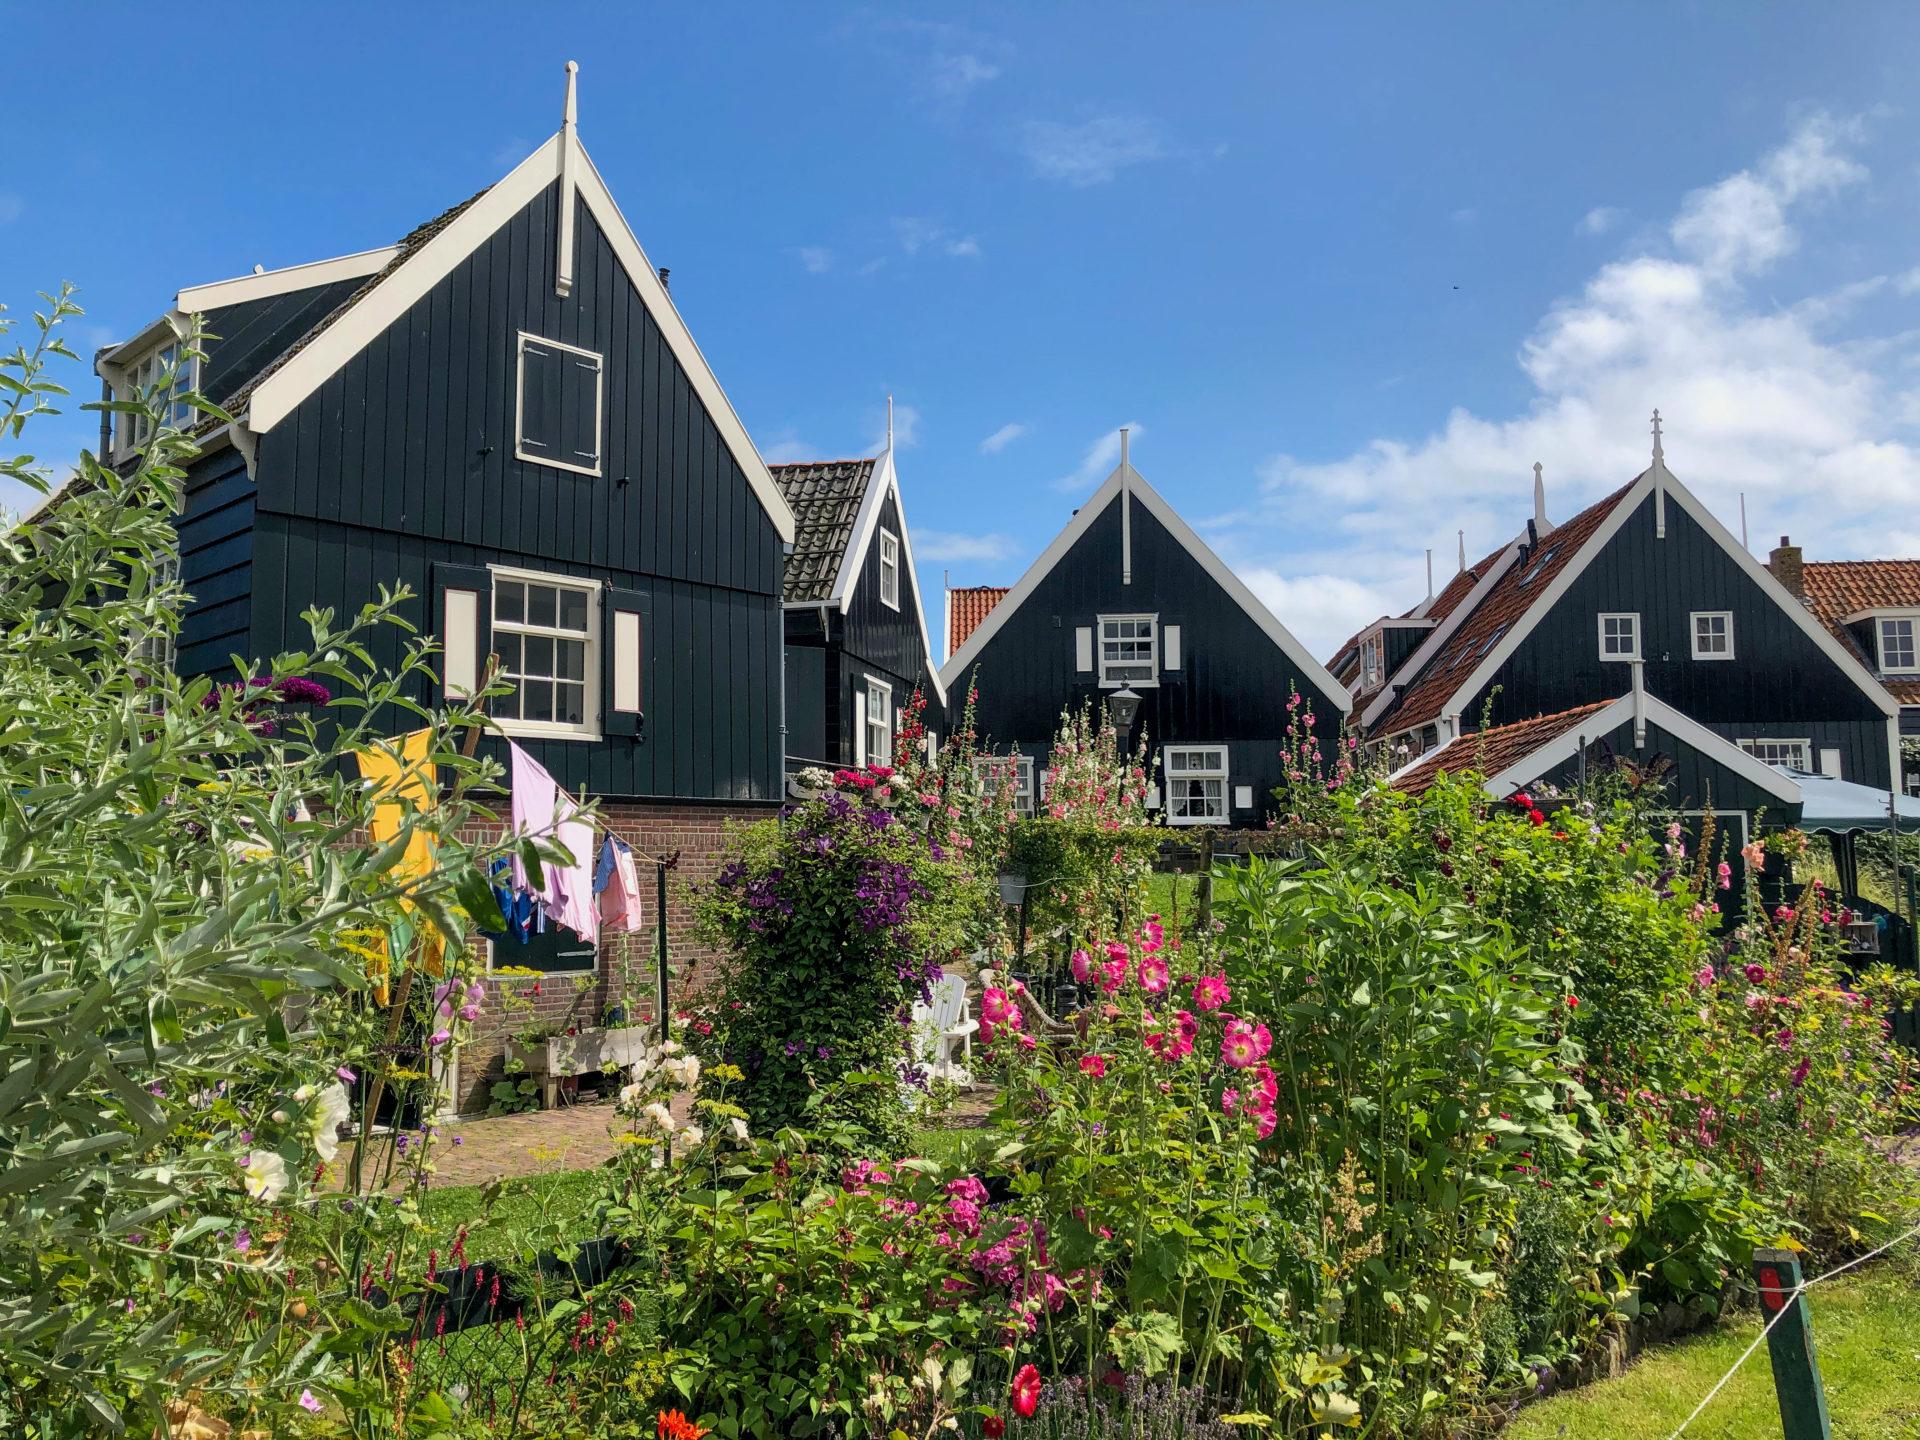 Holzhäuser mit Blumen in Marken bei Sonne